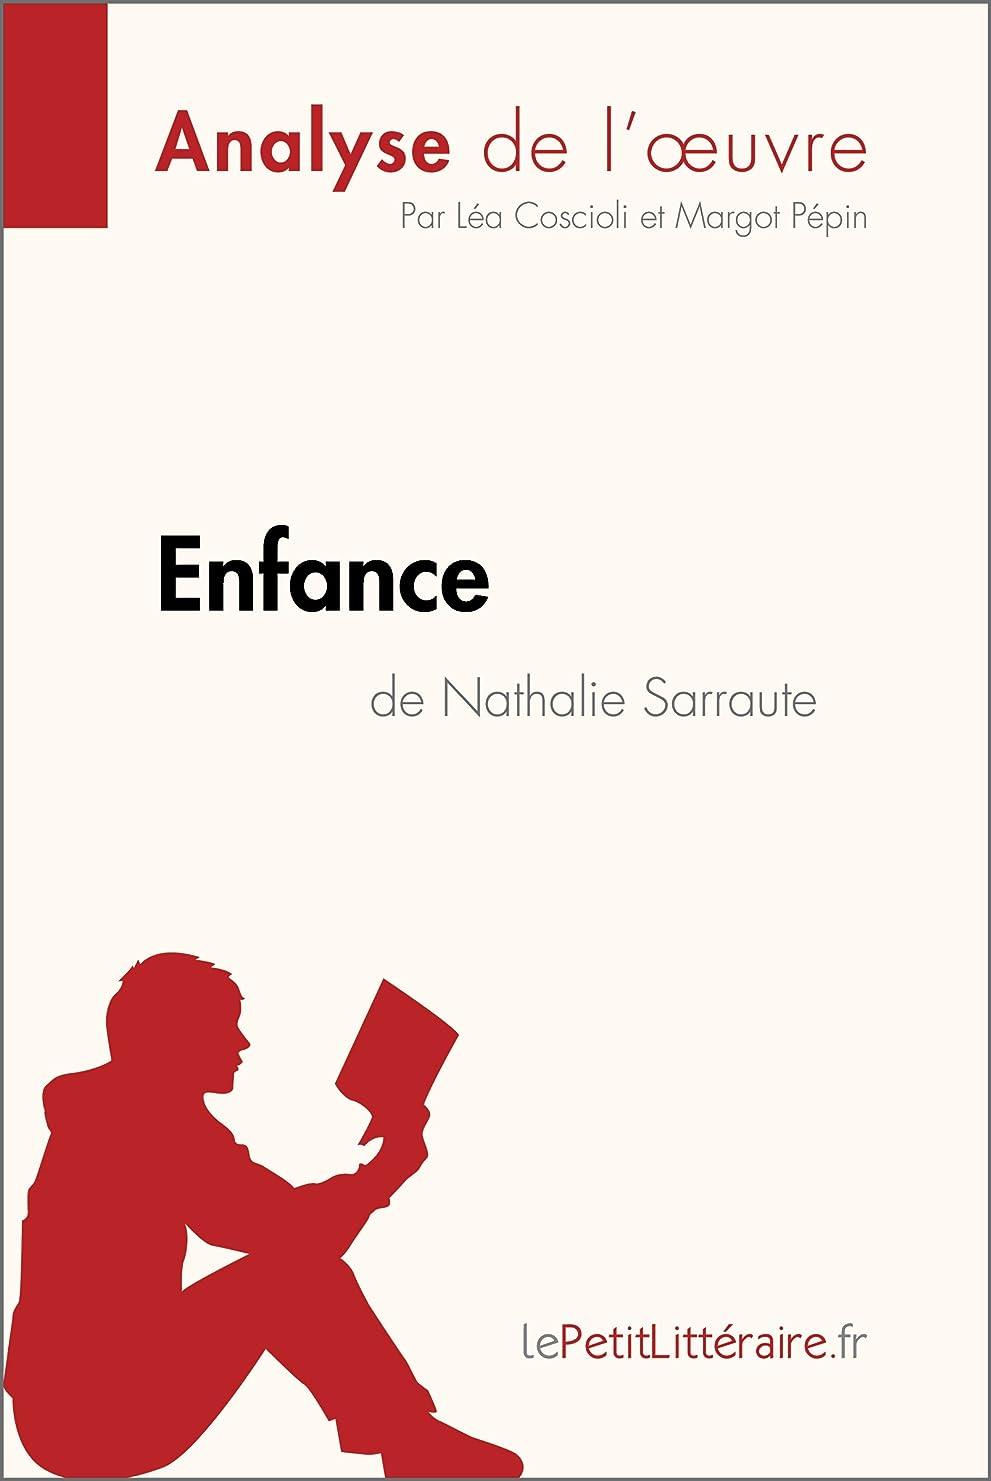 リベラルメンターパイEnfance de Nathalie Sarraute (Analyse de l'oeuvre): Comprendre la littérature avec lePetitLittéraire.fr (Fiche de lecture) (French Edition)